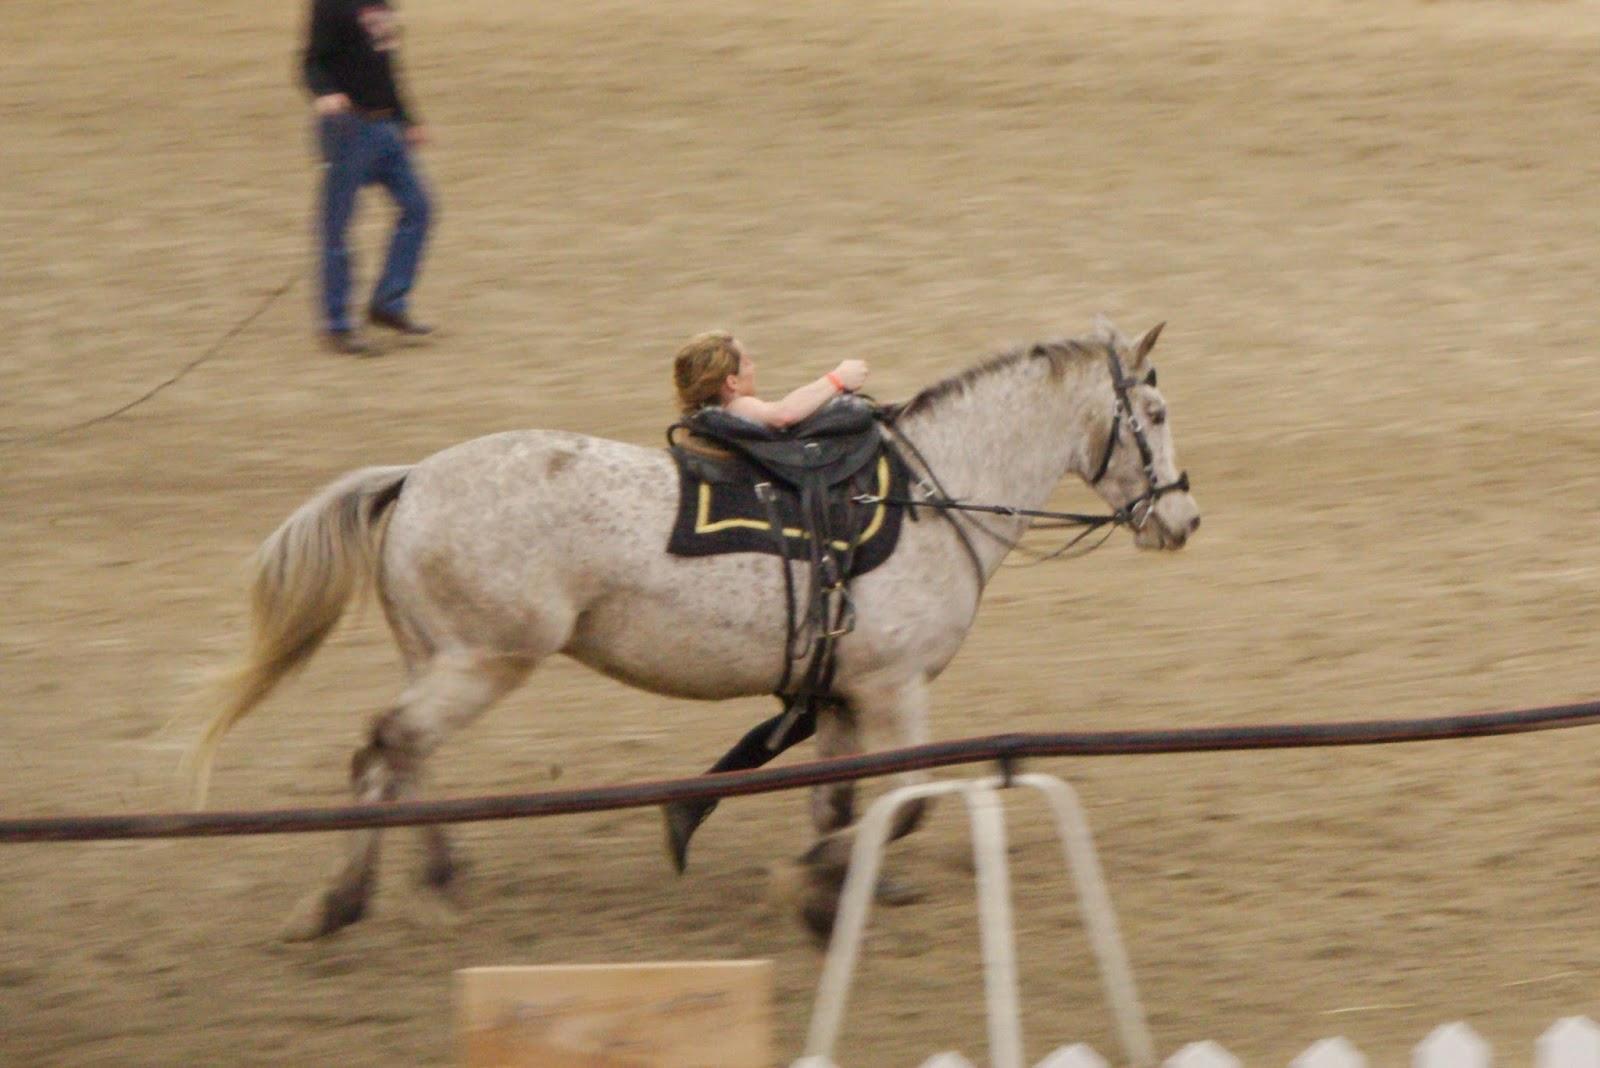 Salon du cheval d 39 albi la comp tition de voltige cosaque for Salon du cheval albi